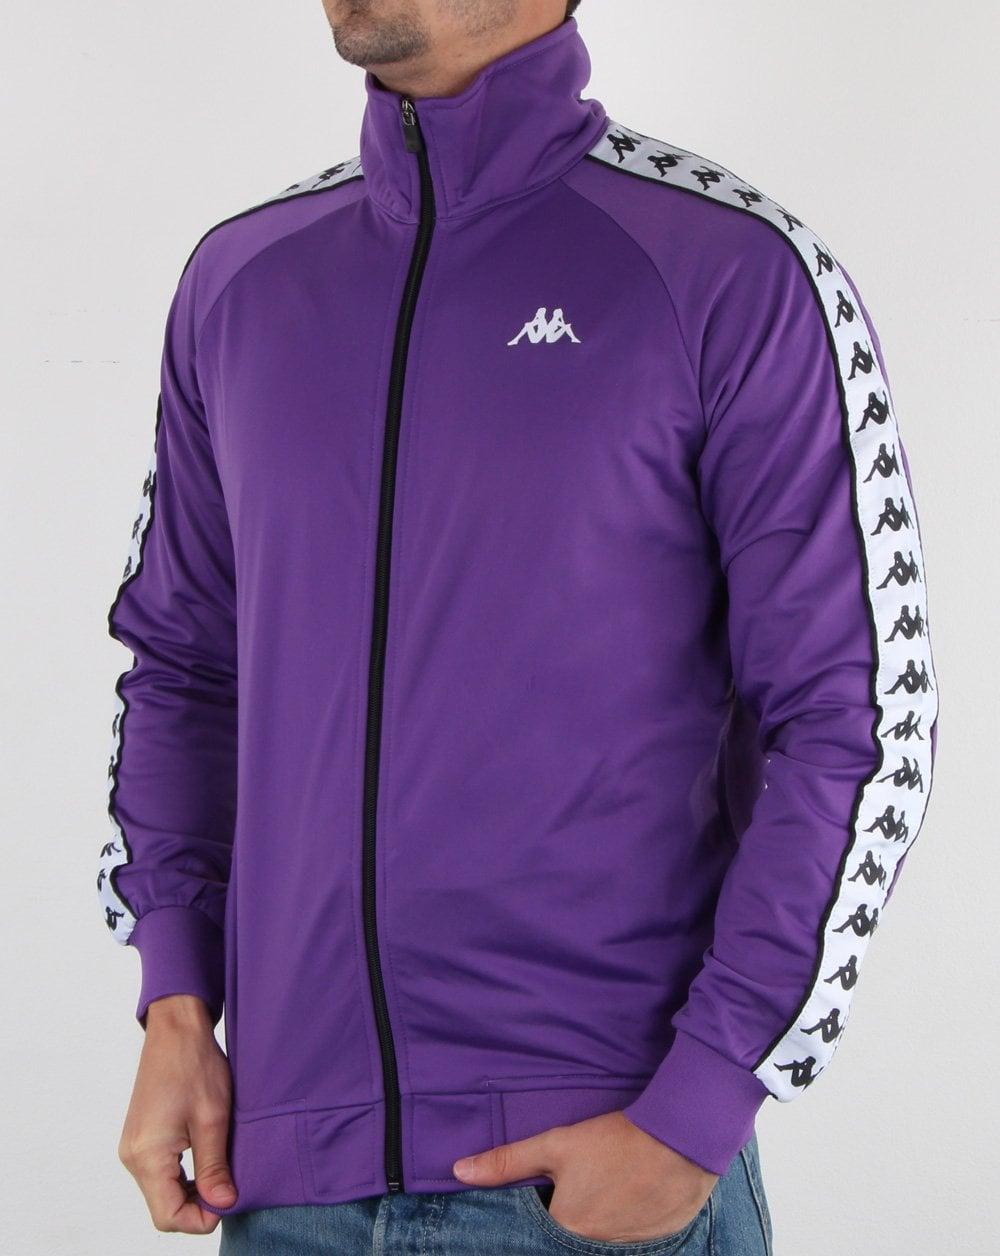 e242b052 Kappa Anniston Banda Jacket Violet/white